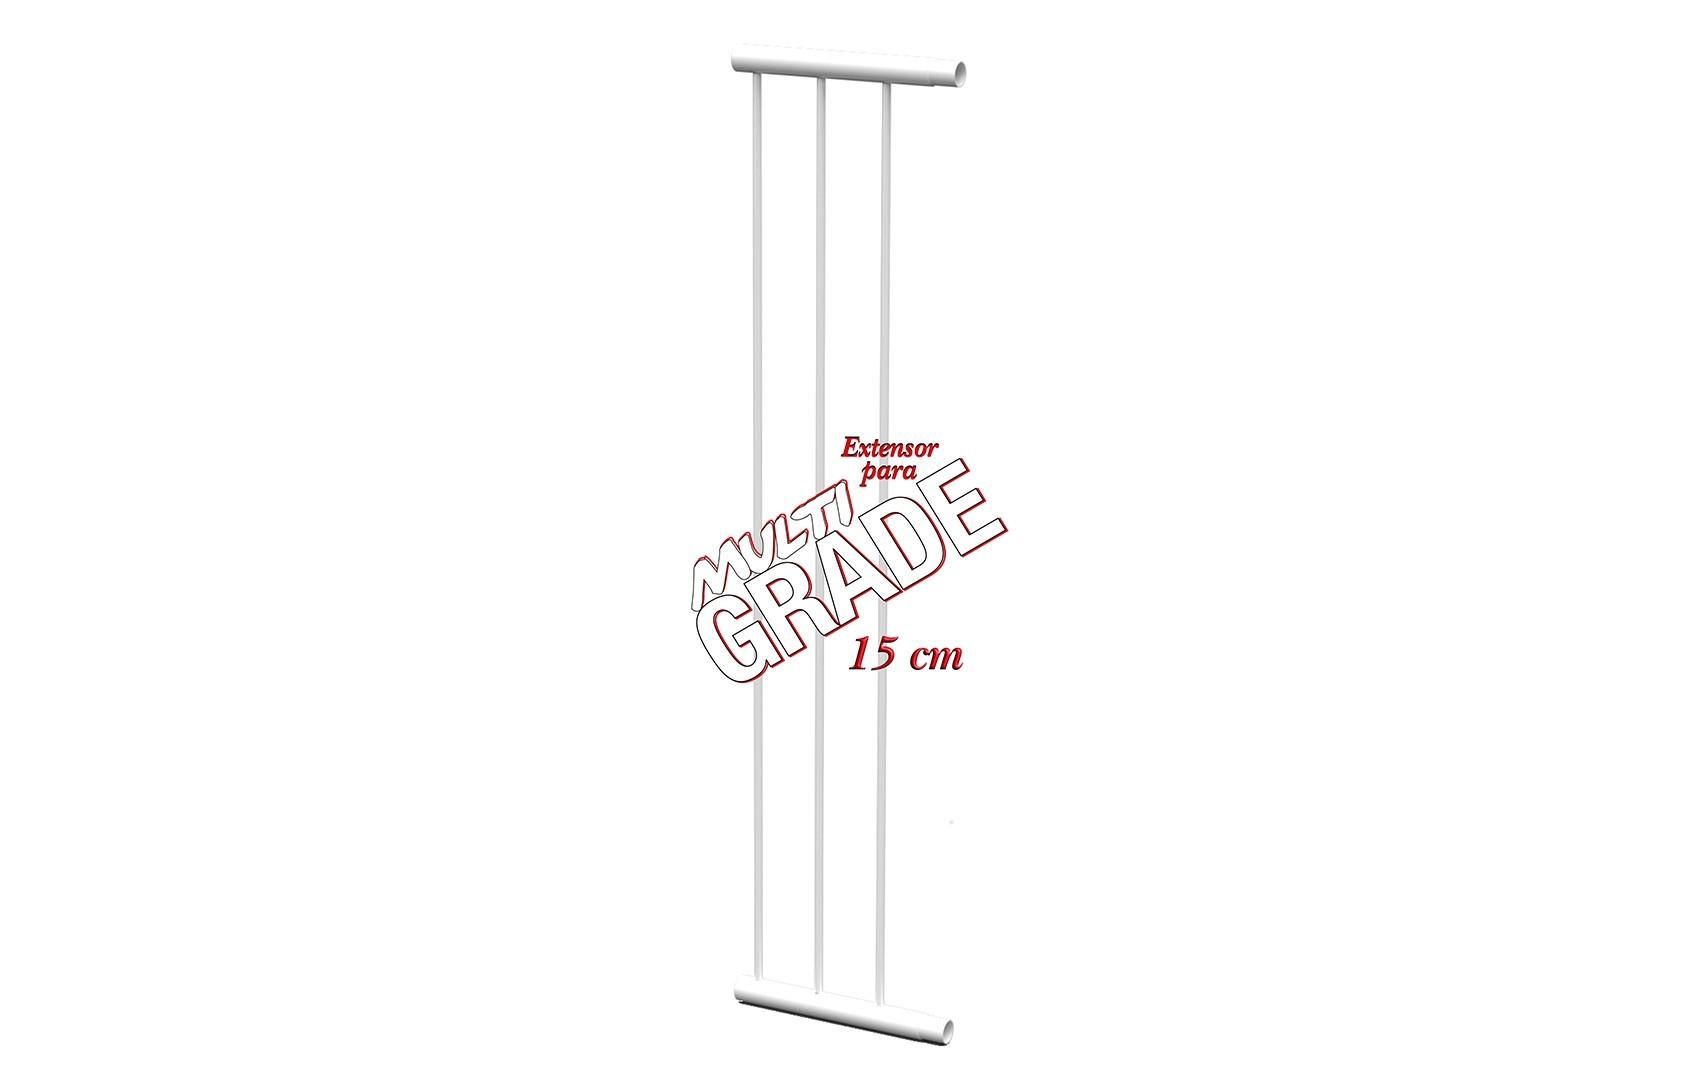 Extensor 15 Cm Para Portão Grade De Segurança Branco Mf1015